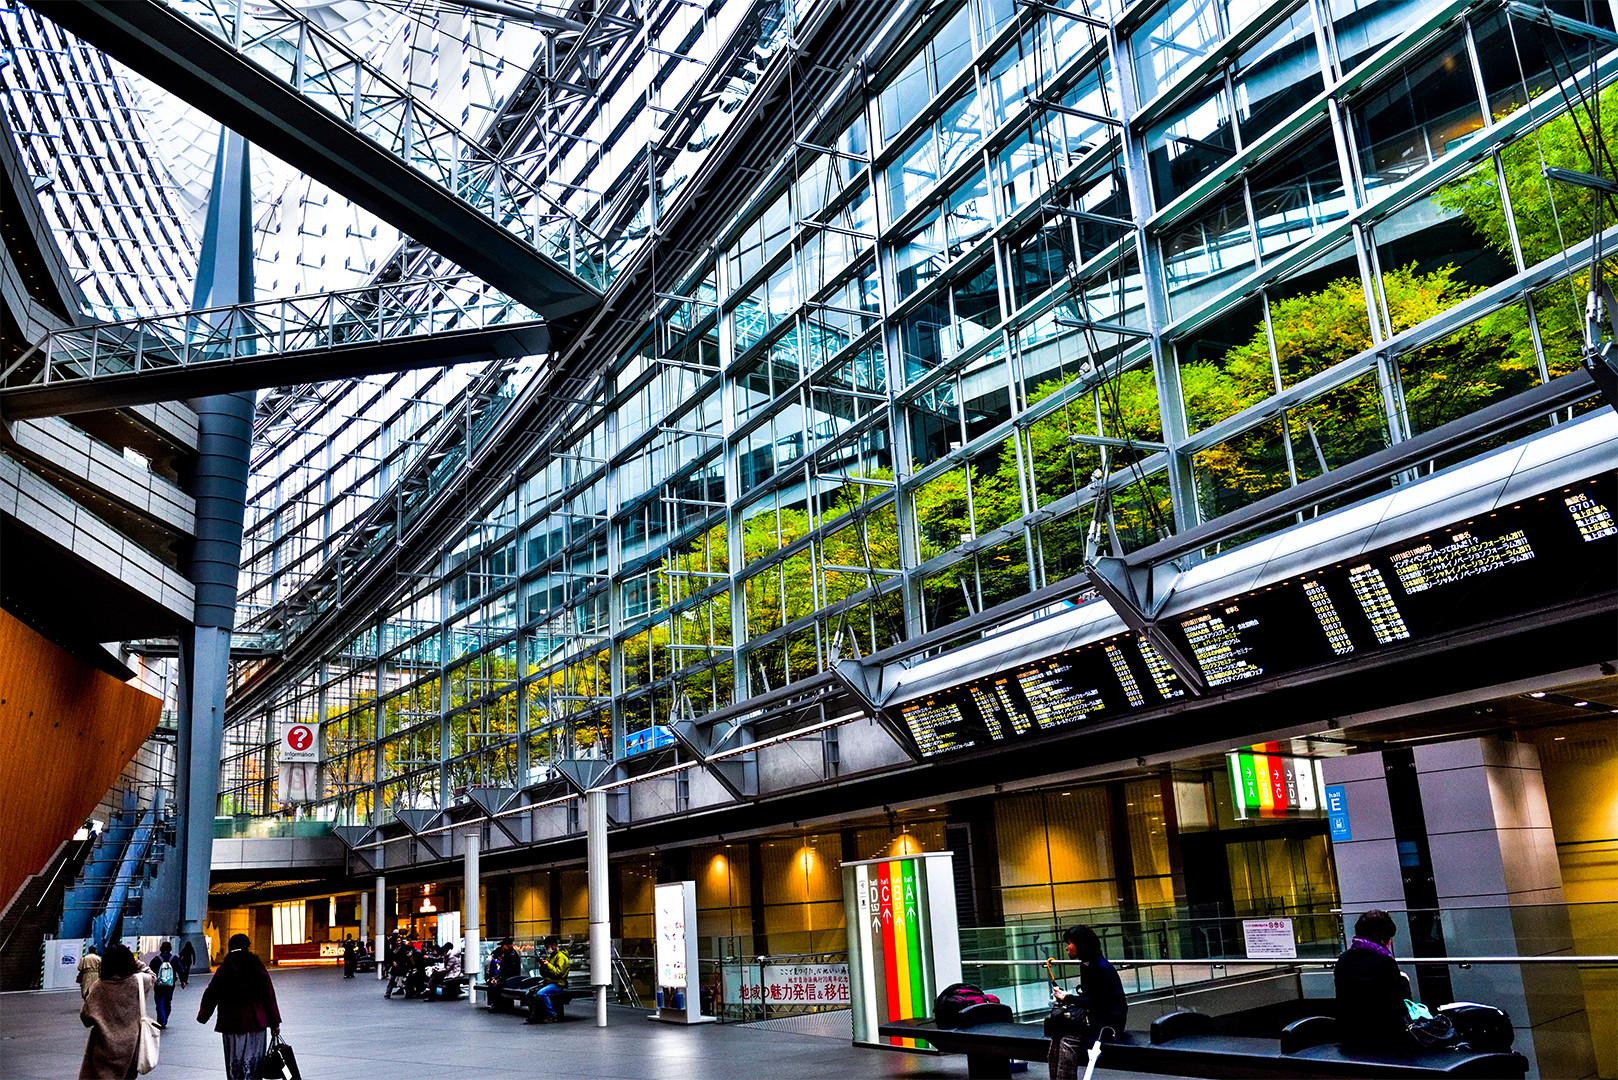 Modern architecture in Japan, Tokyo International Forum